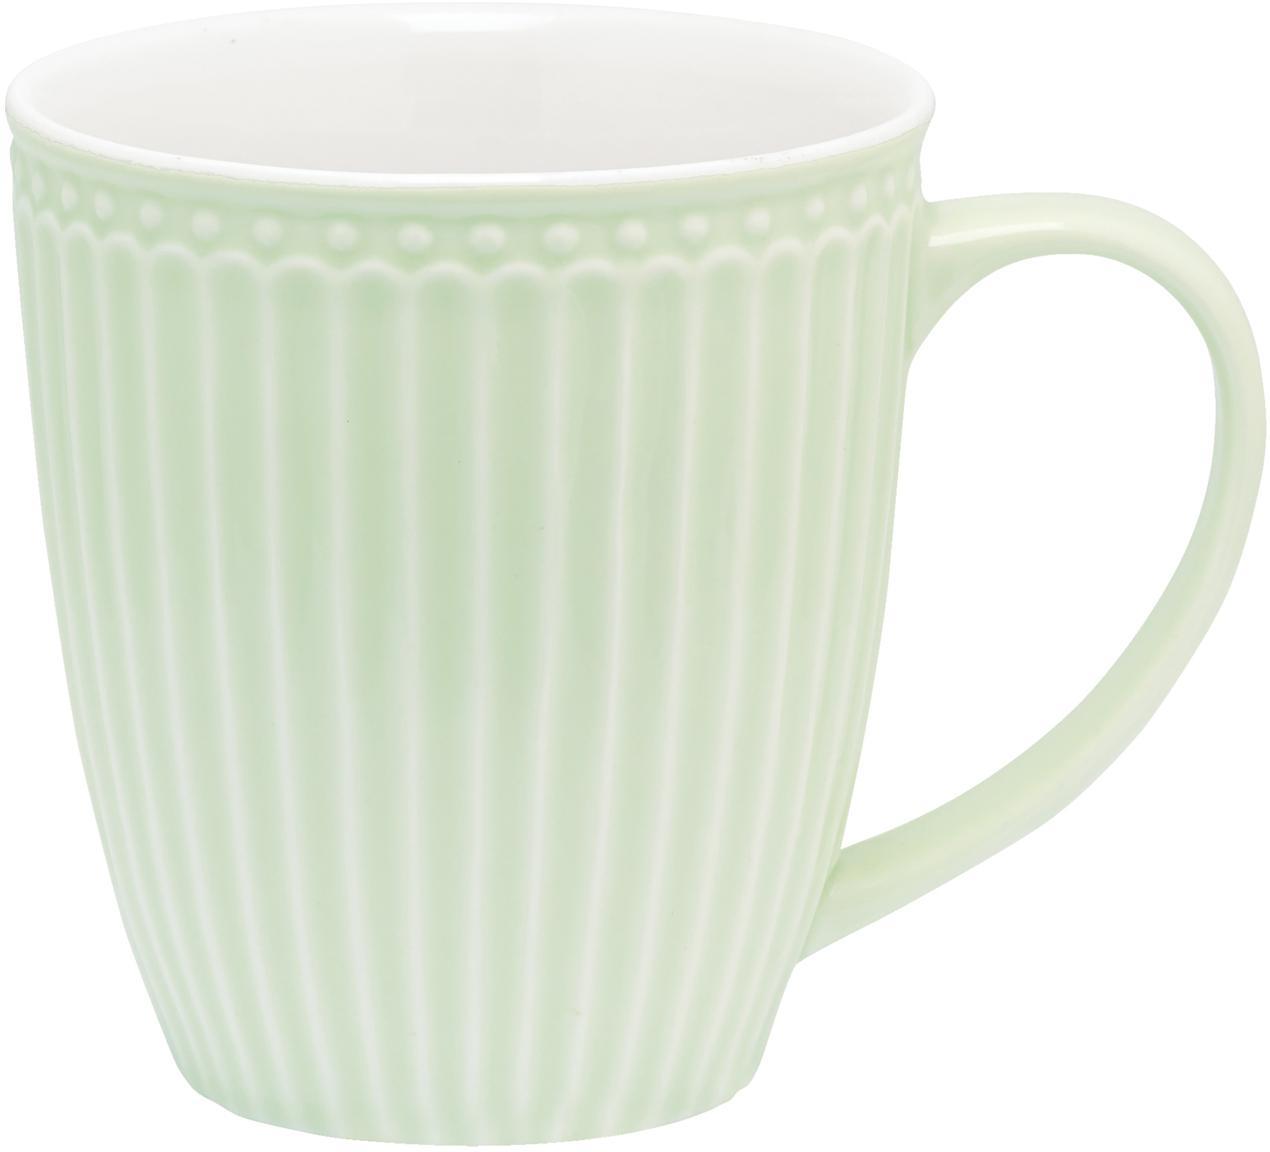 Handgemachte Tassen Alice in Pastellgrün mit Reliefdesign, 2 Stück, Steingut, Mintgrün, Ø 10 x H 10 cm